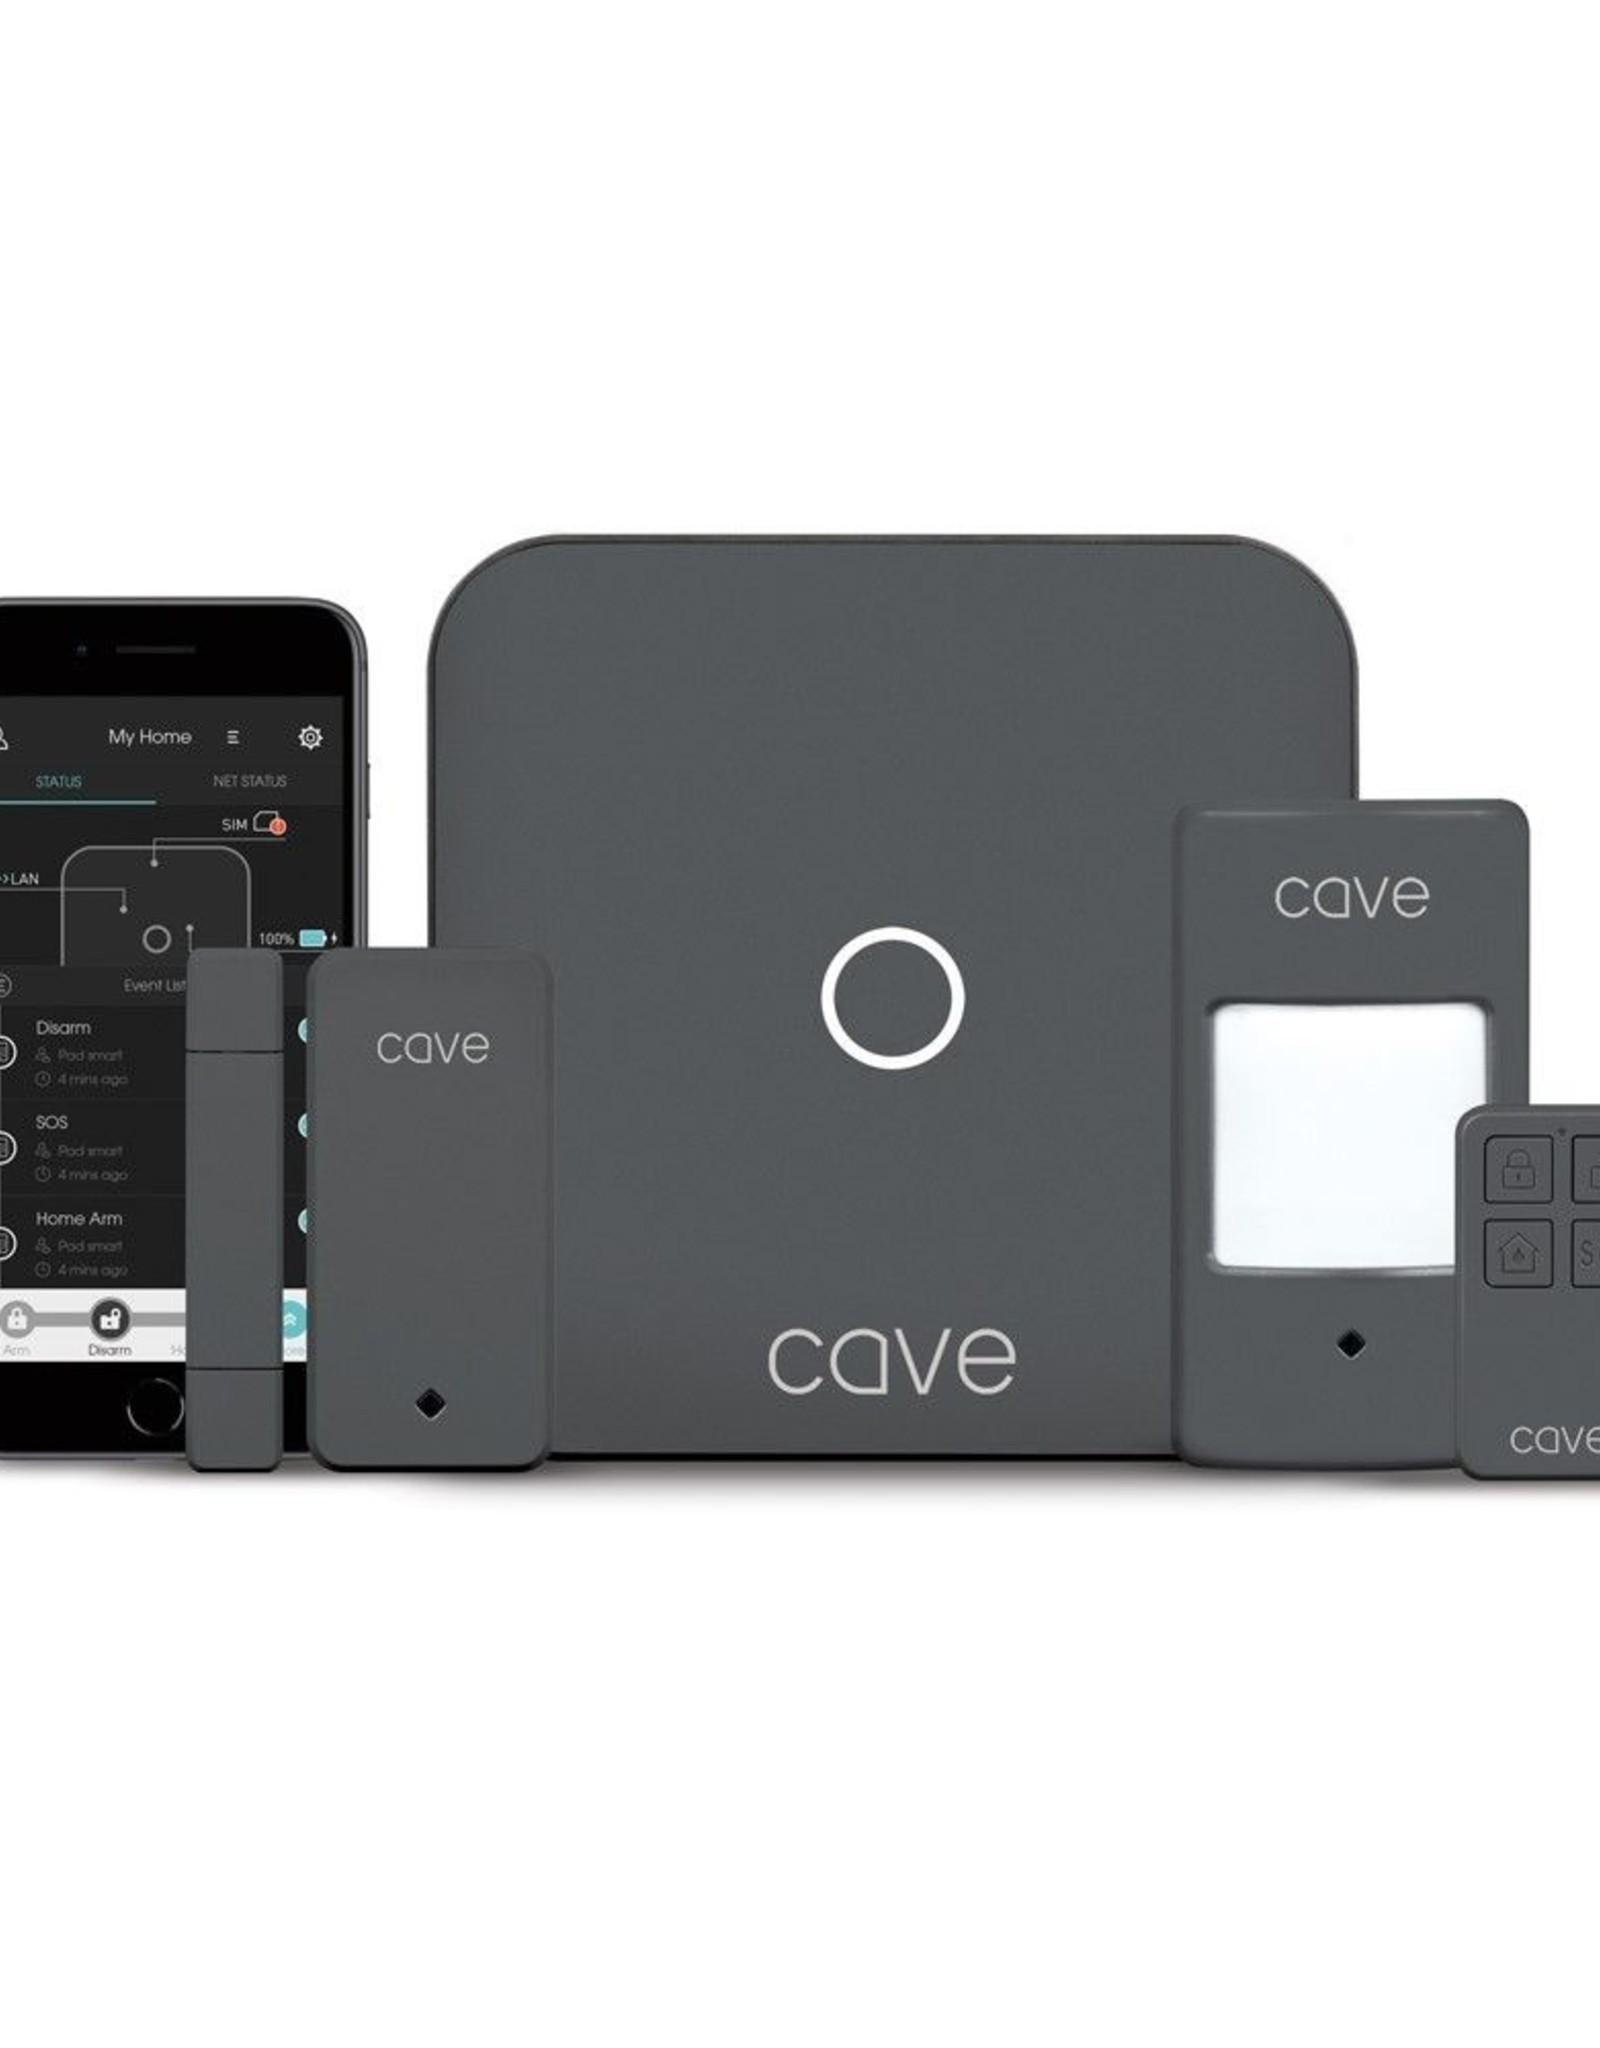 Veho Veho Cave Smart Home Starter Kit